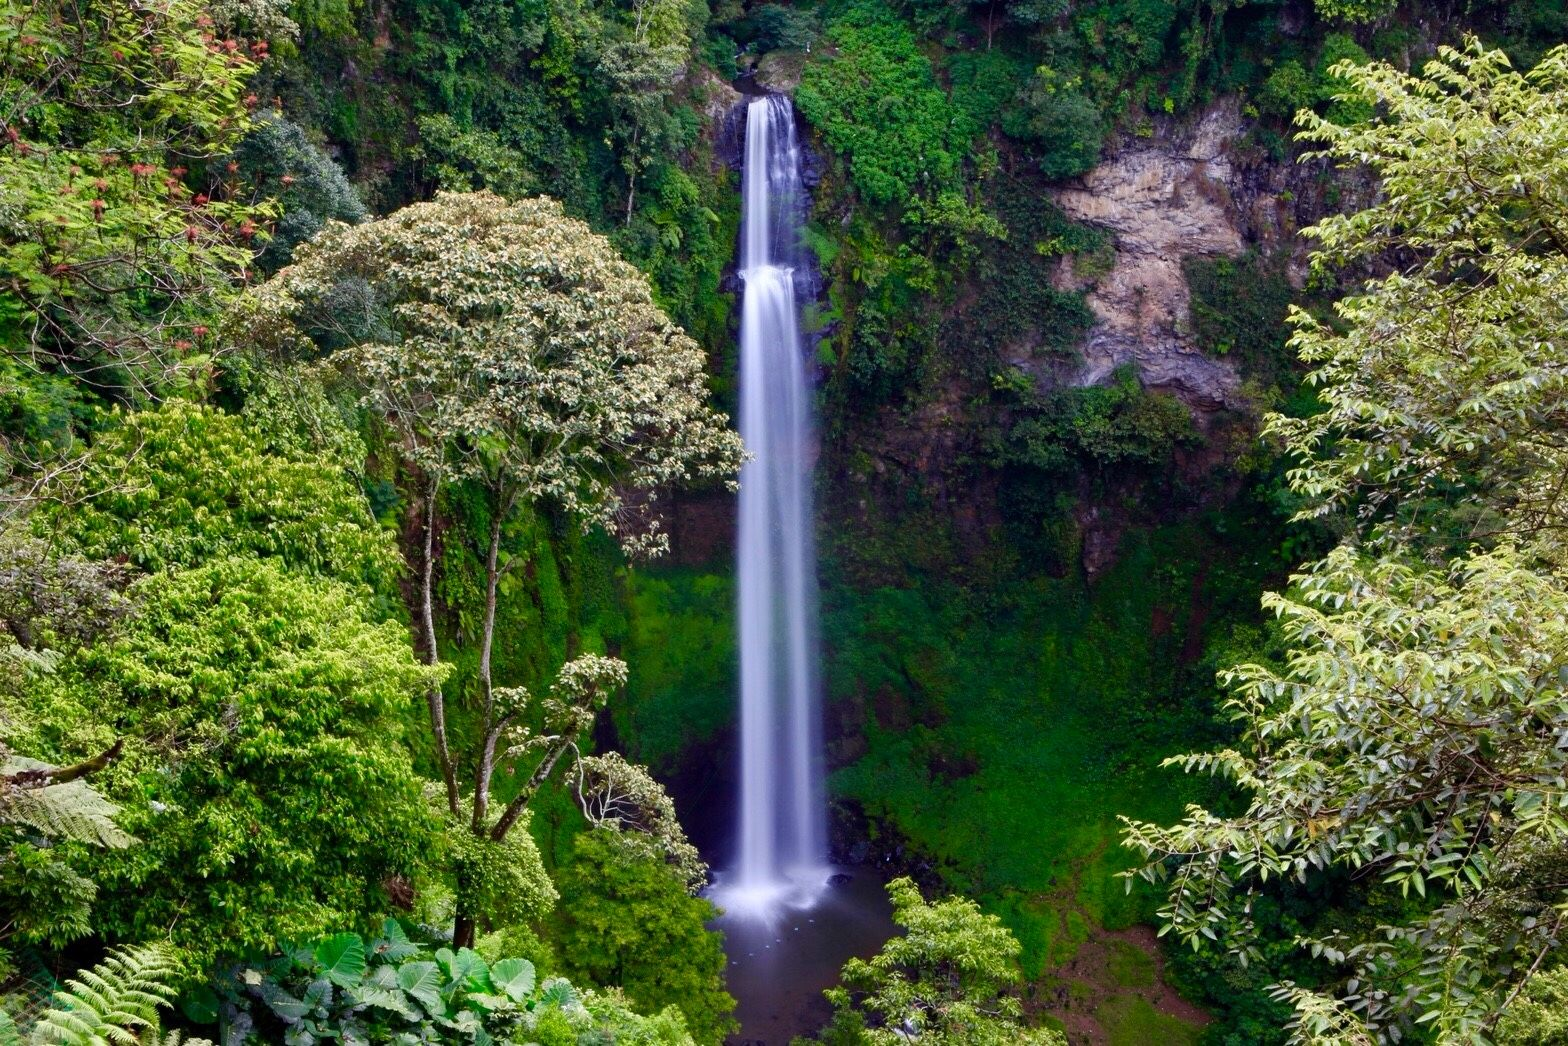 Cimahi Waterfall in West Java